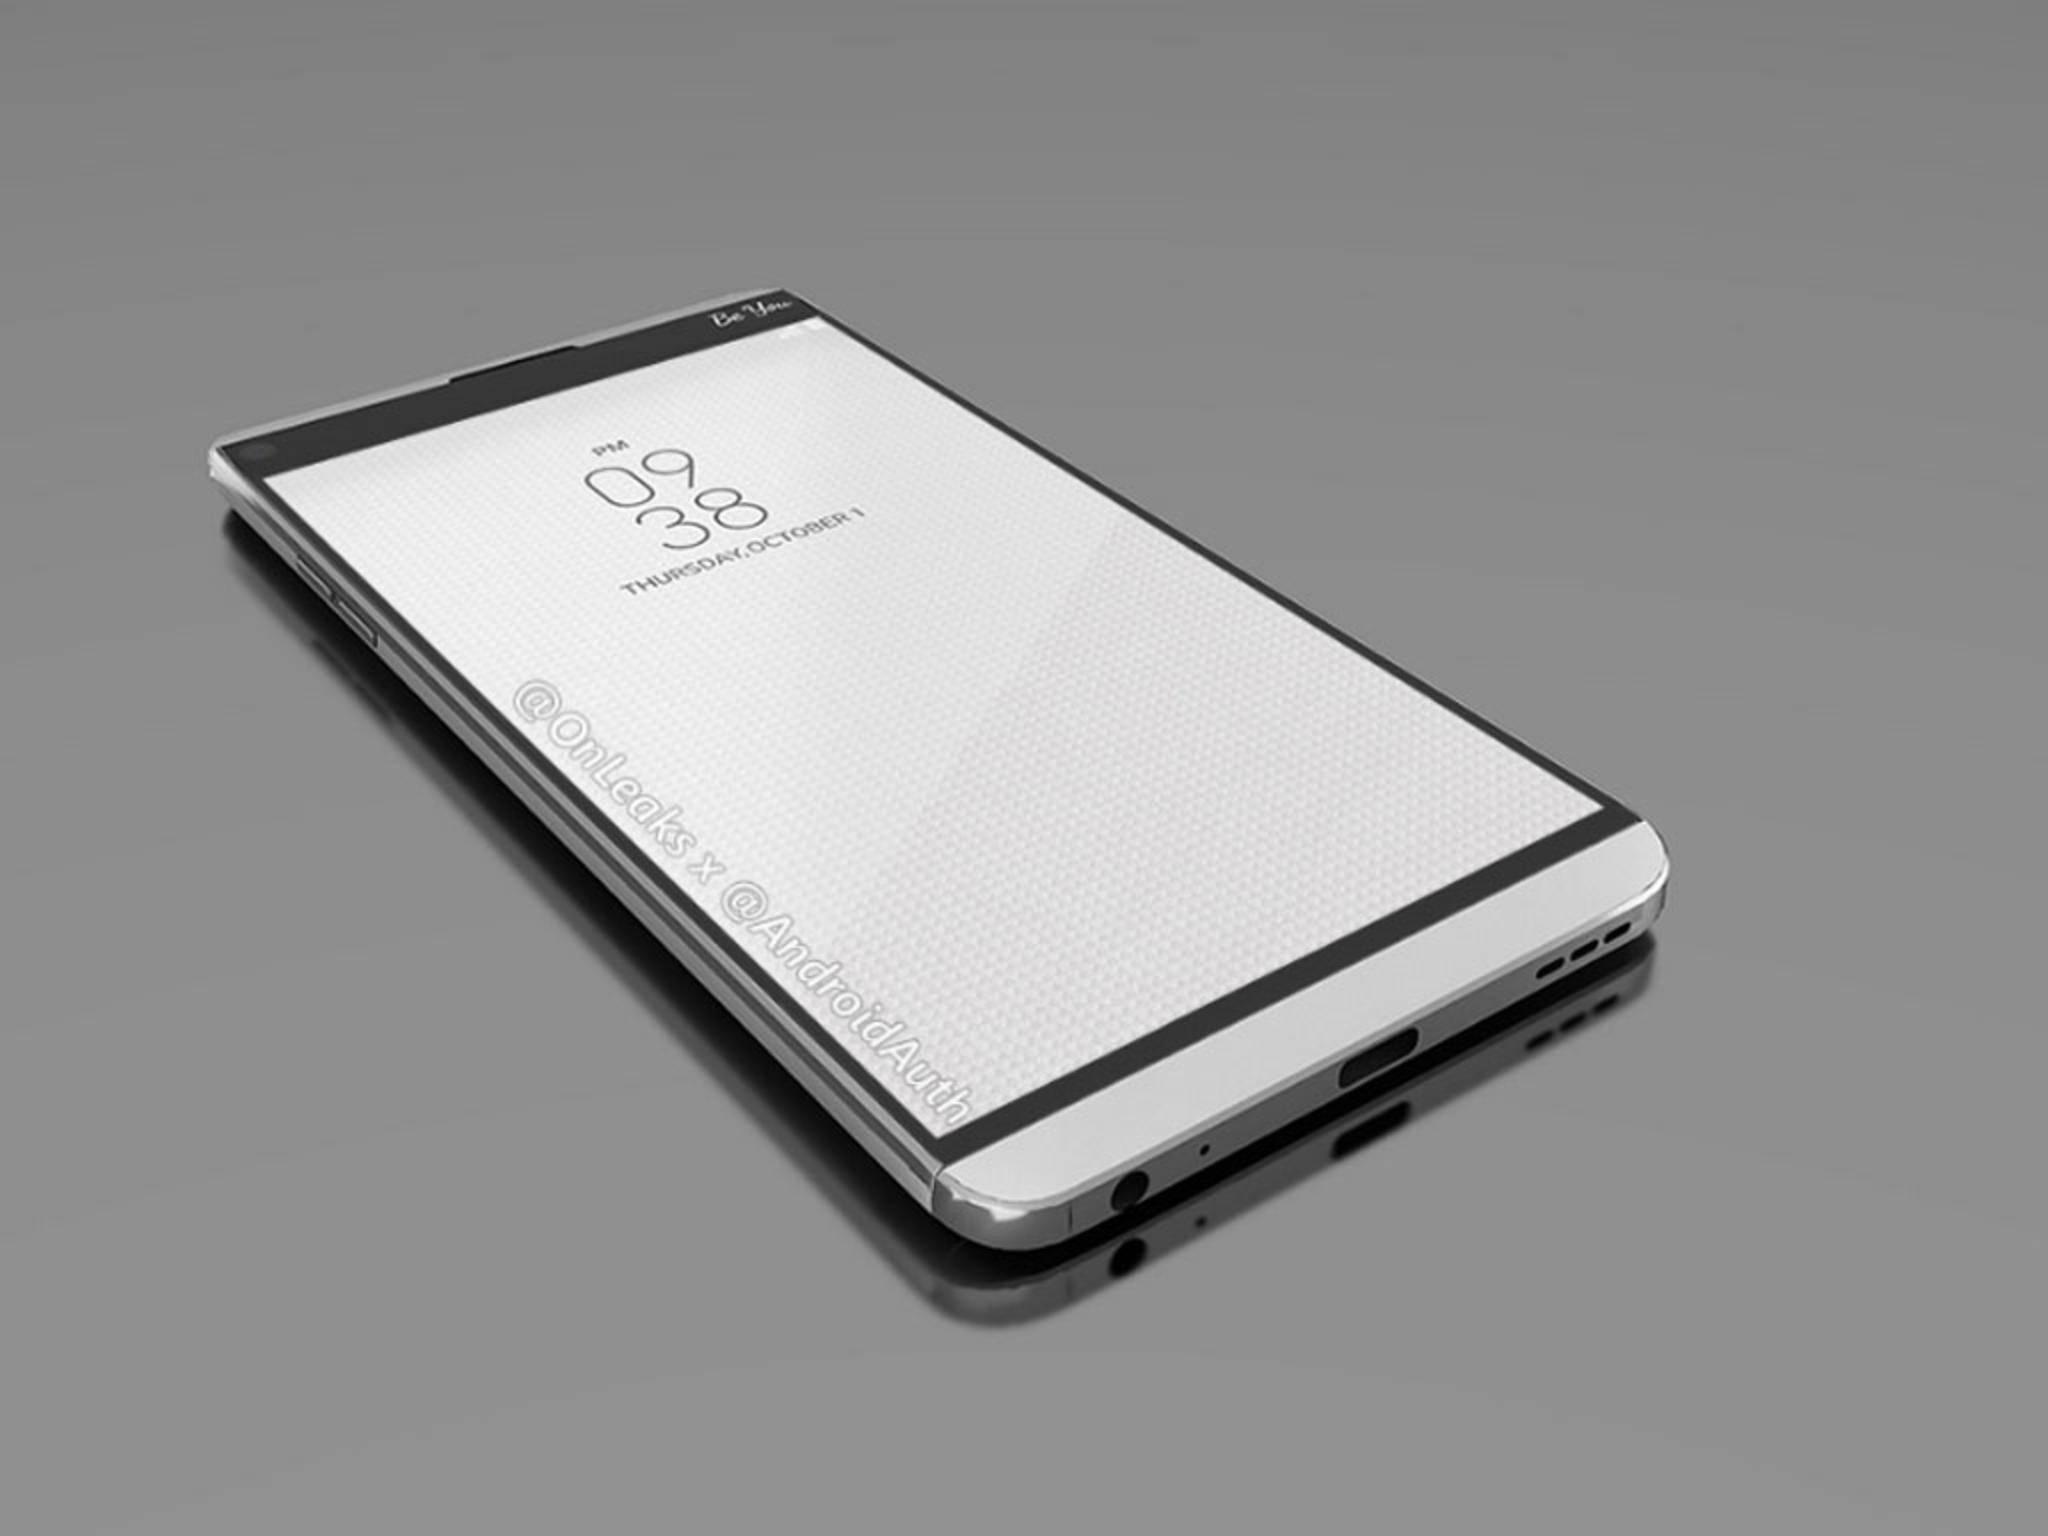 Das LG V20 soll das erste neue Smartphone mit Android 7.0 Nougat sein.